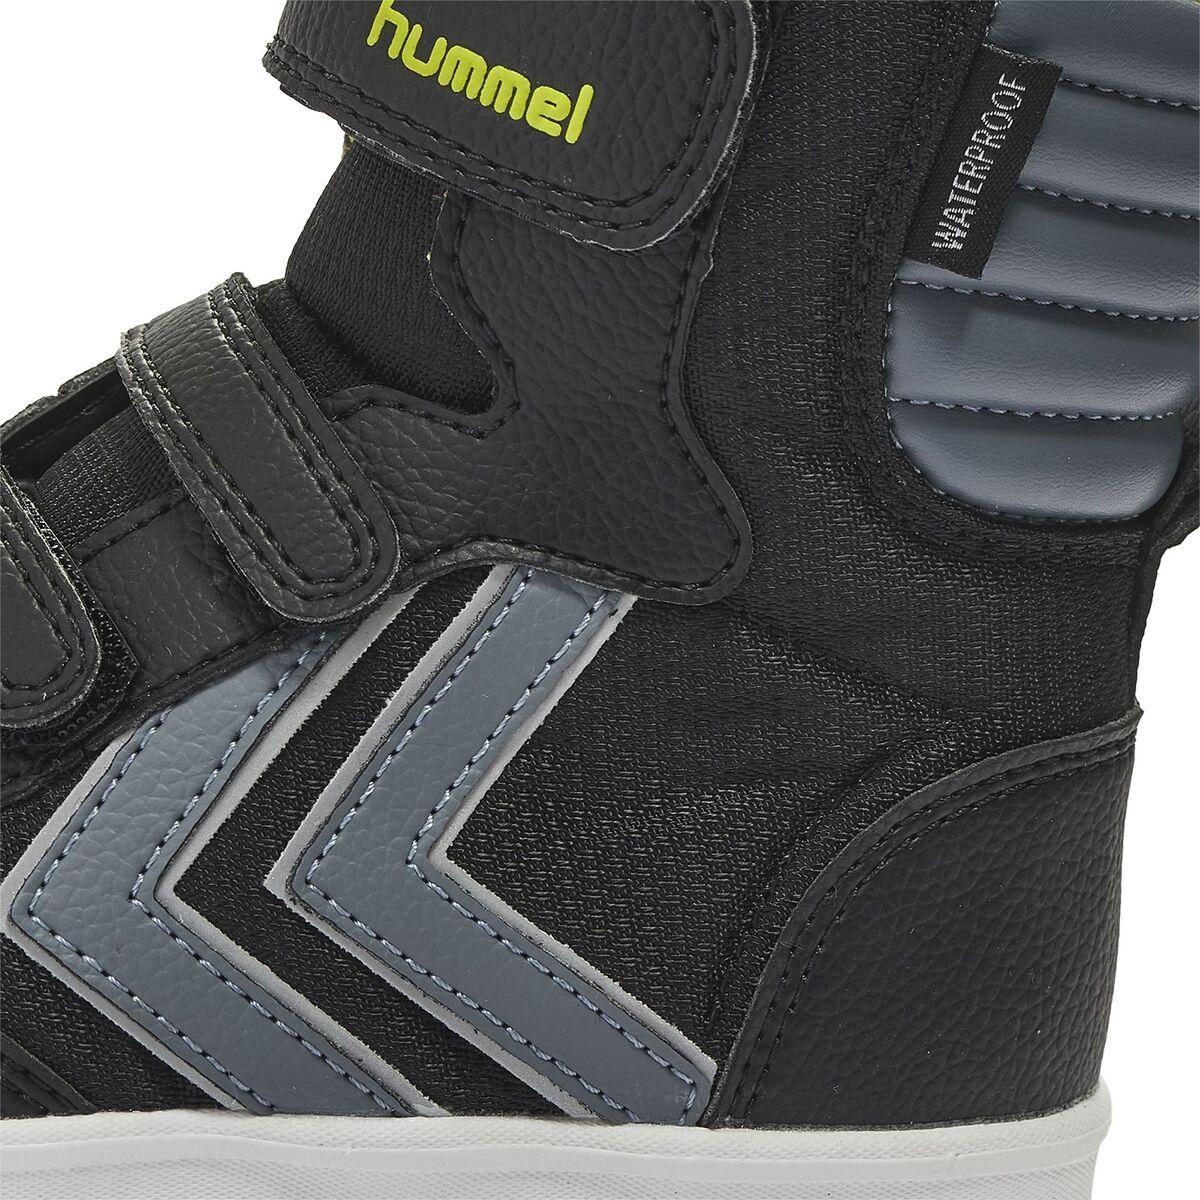 72349799d9b Køb Hummel Stadil Super Poly Støvler Jr., Black/Stormy | Jollyroom